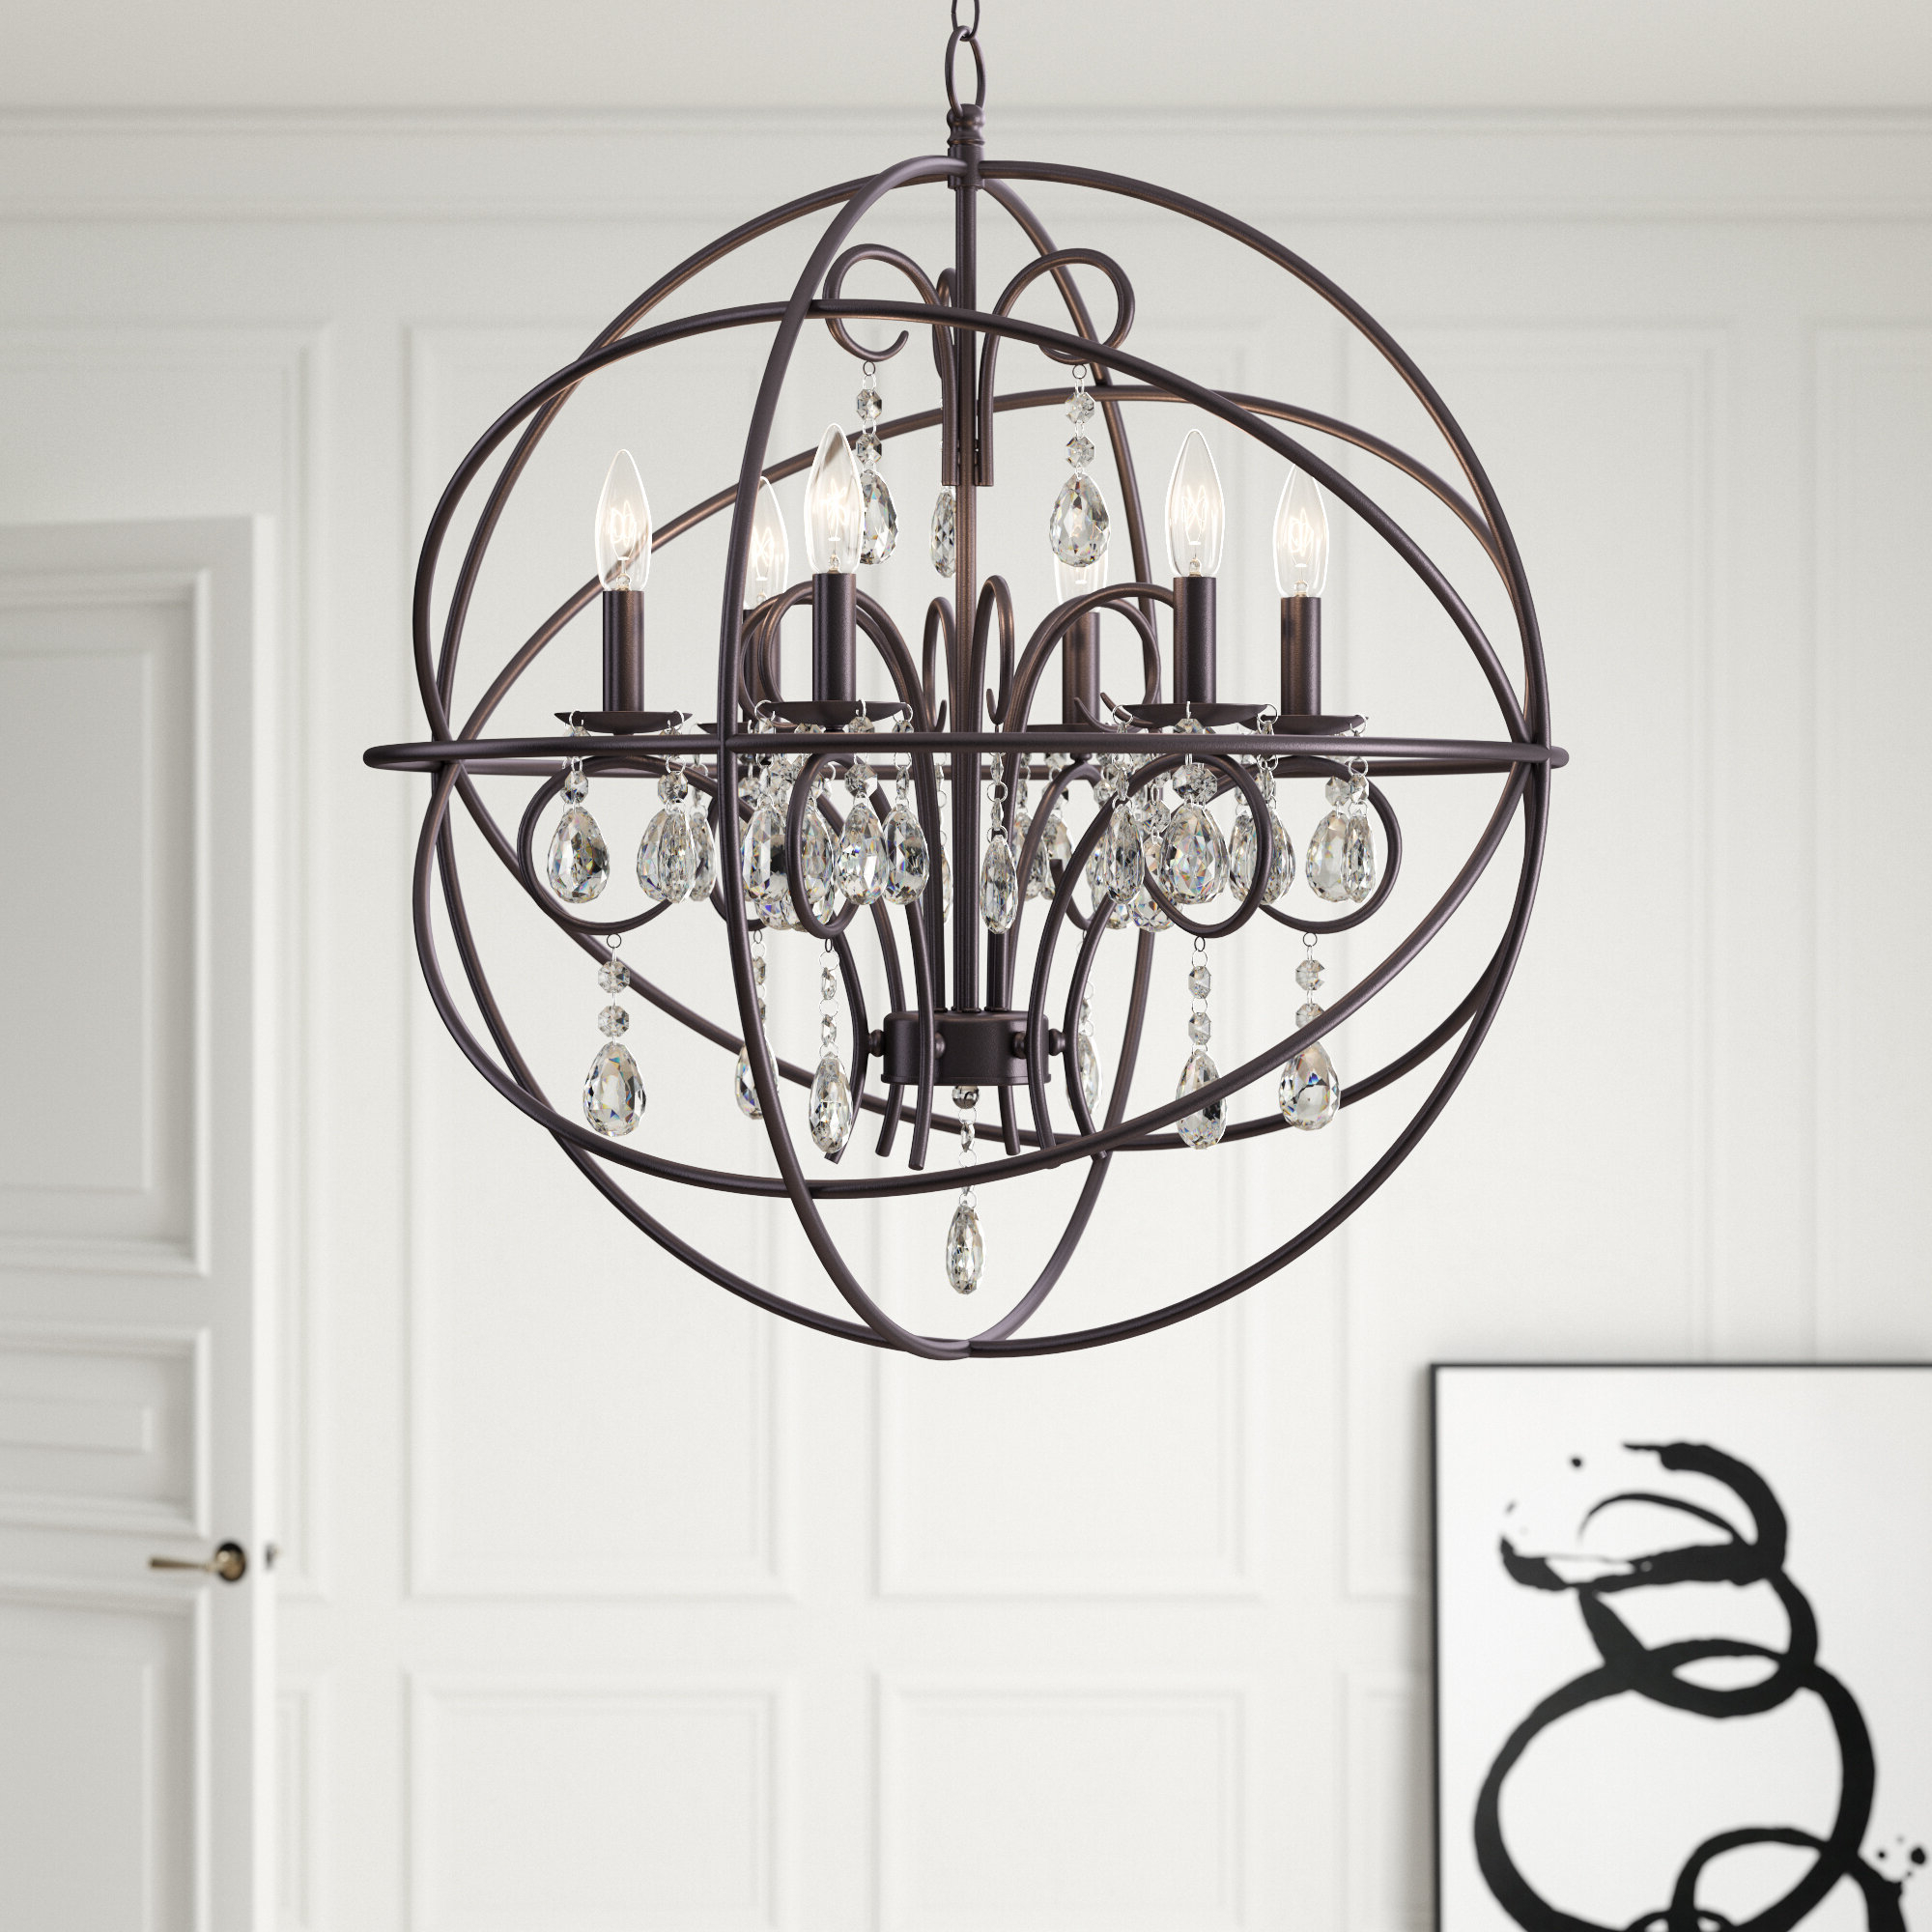 Verlene Foyer 5 Light Globe Chandeliers Intended For Favorite Alden 6 Light Globe Chandelier (View 14 of 25)